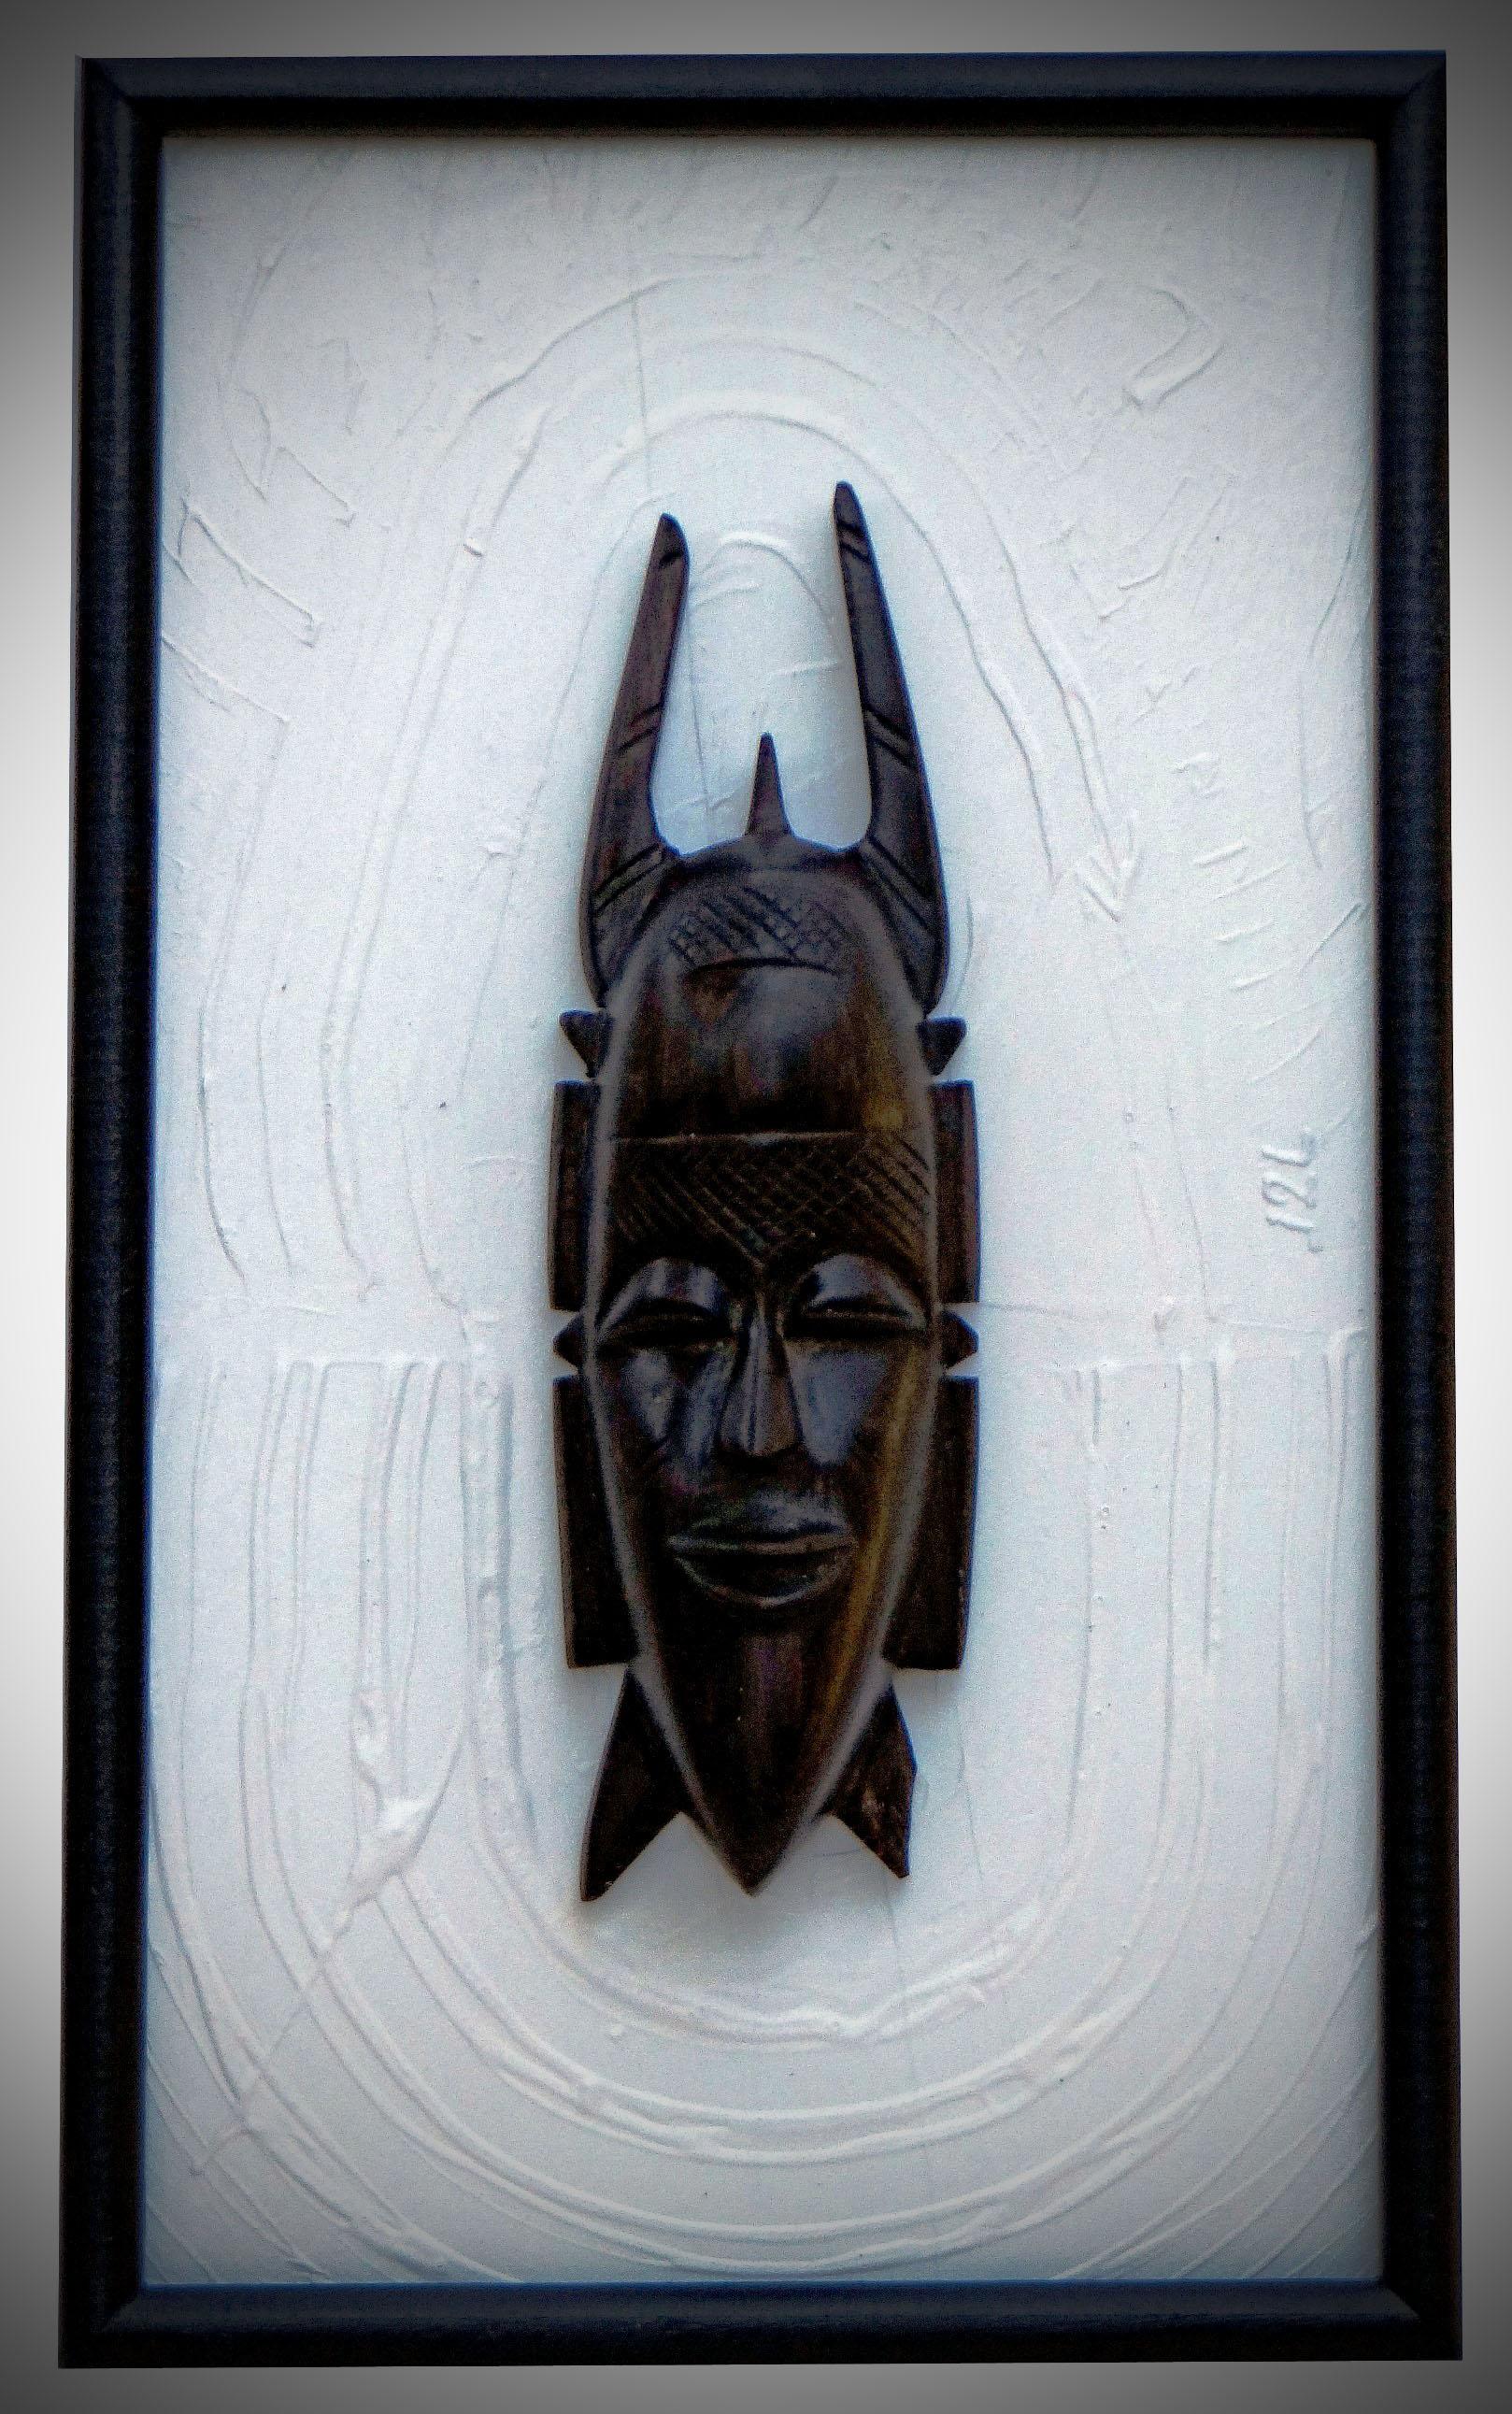 statuette-ethnique-3297